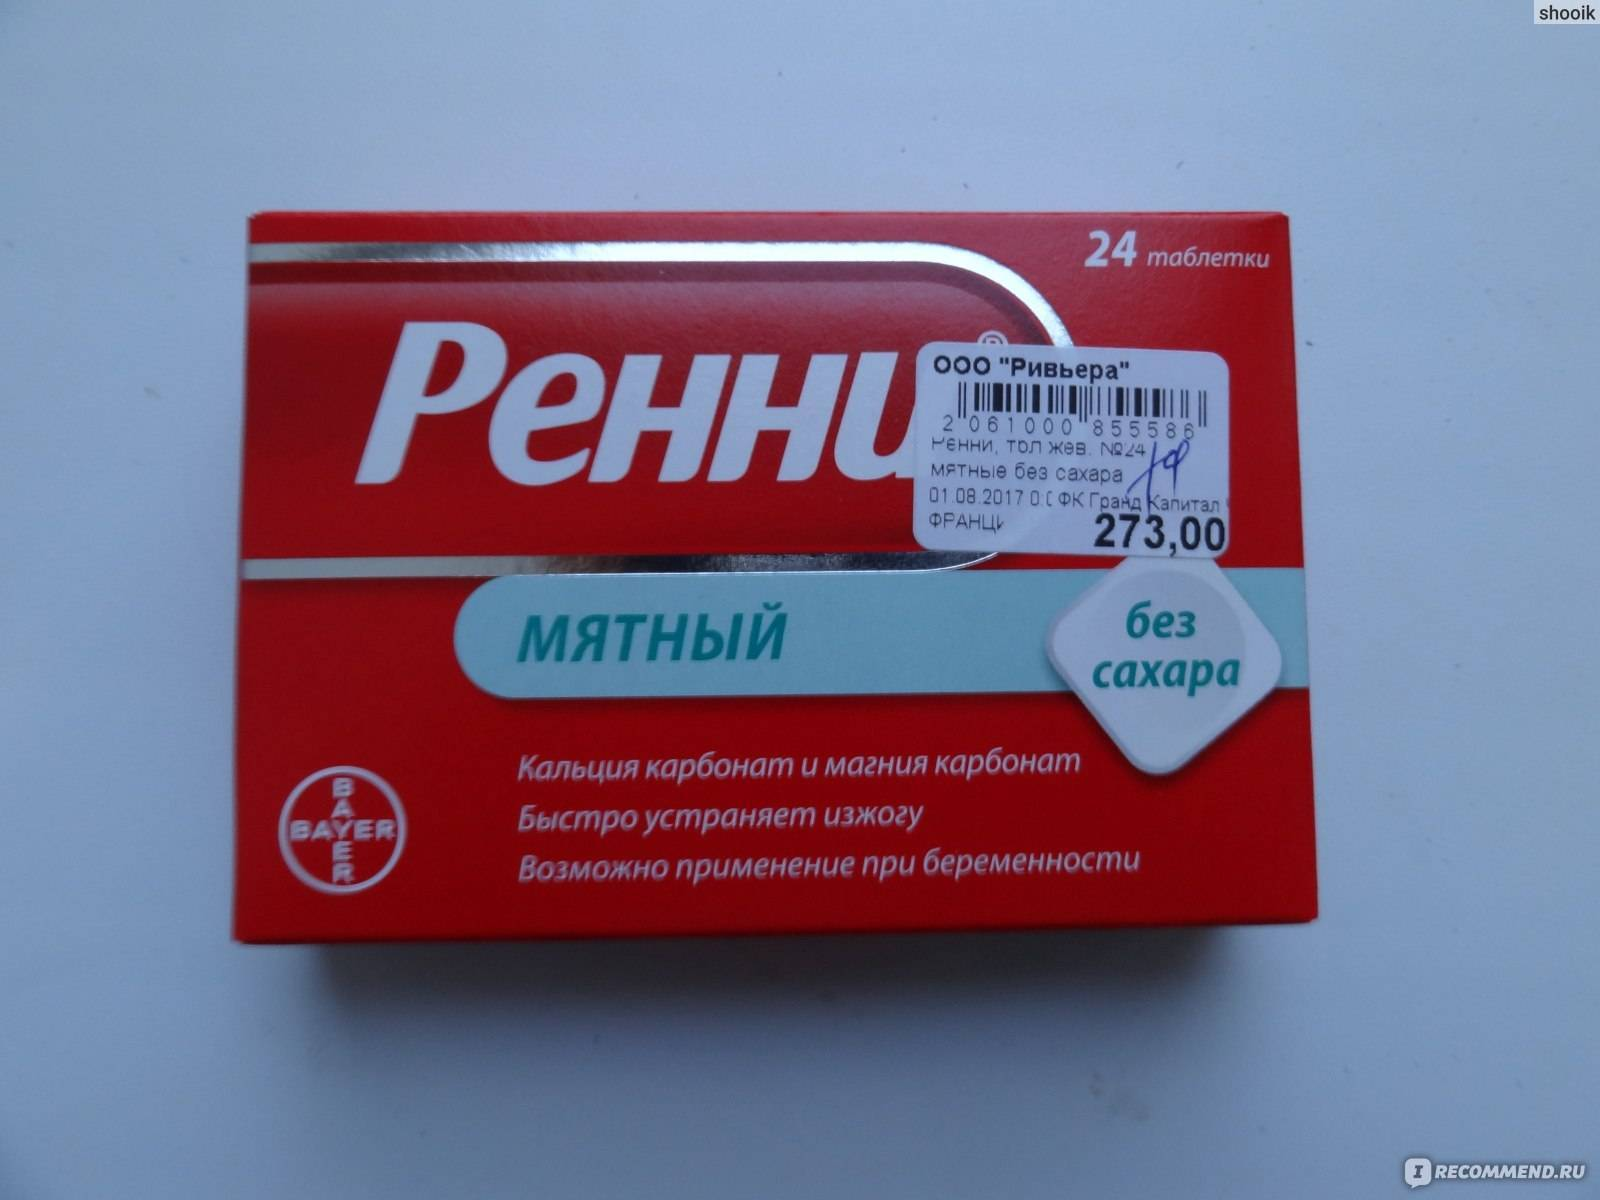 Лекарства от изжоги при беременности: безопасные препараты и народные средства